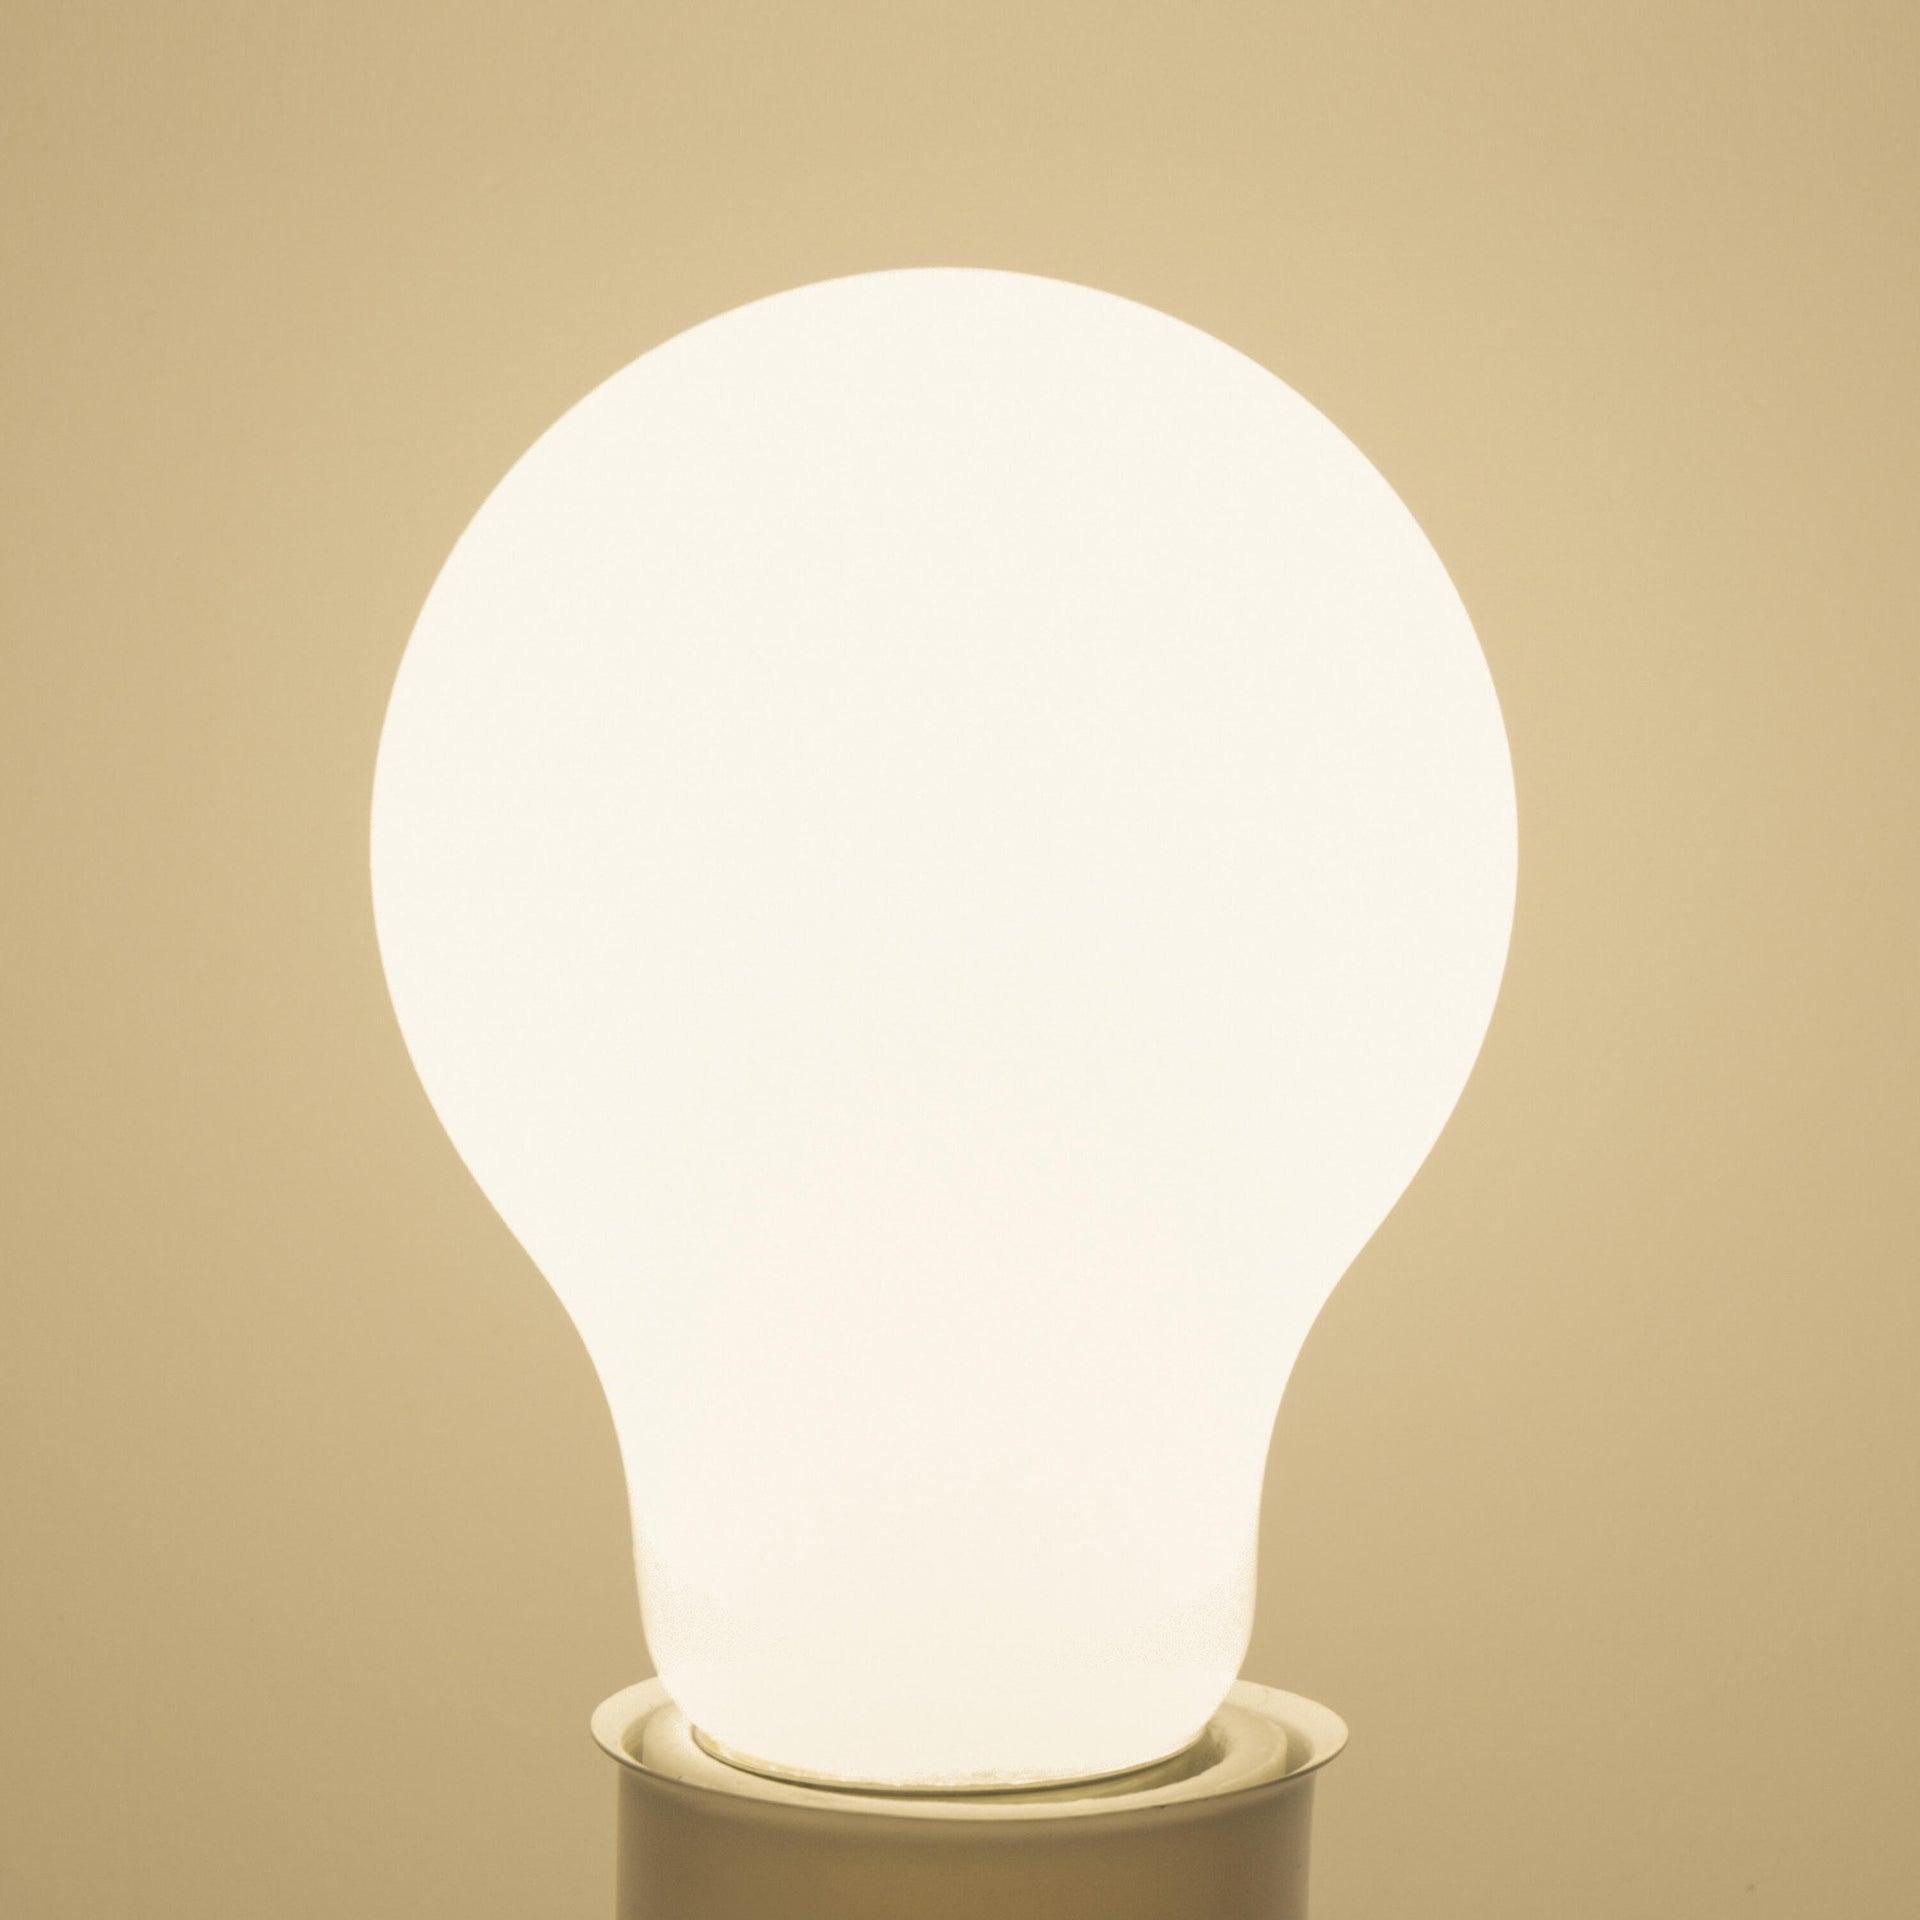 Set di 3 lampadine LED filamento, E27, Goccia, Opaco, Luce naturale, 11W=1521LM (equiv 100 W), 360° , LEXMAN - 7